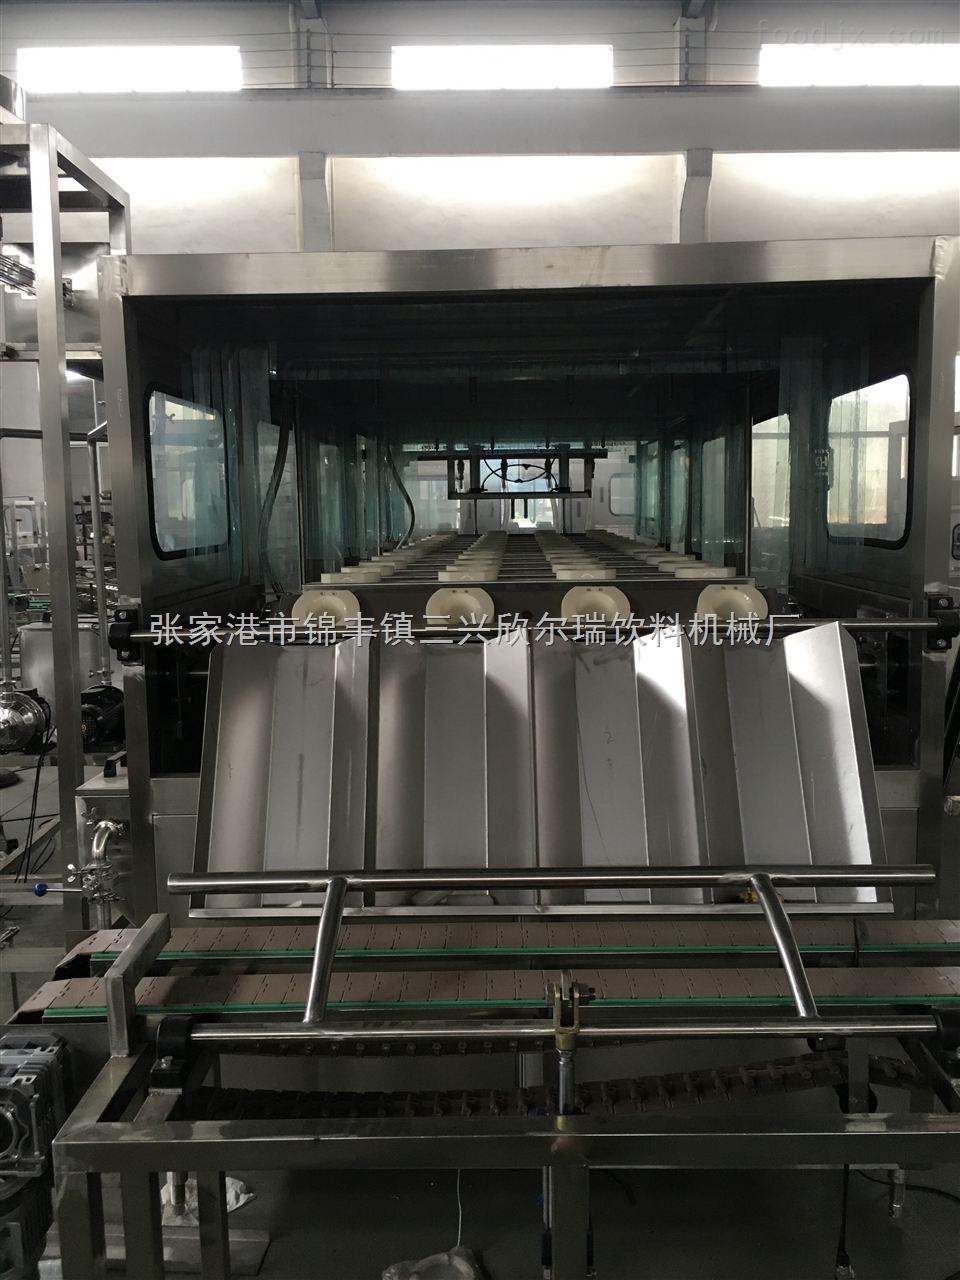 大桶装矿泉水生产线